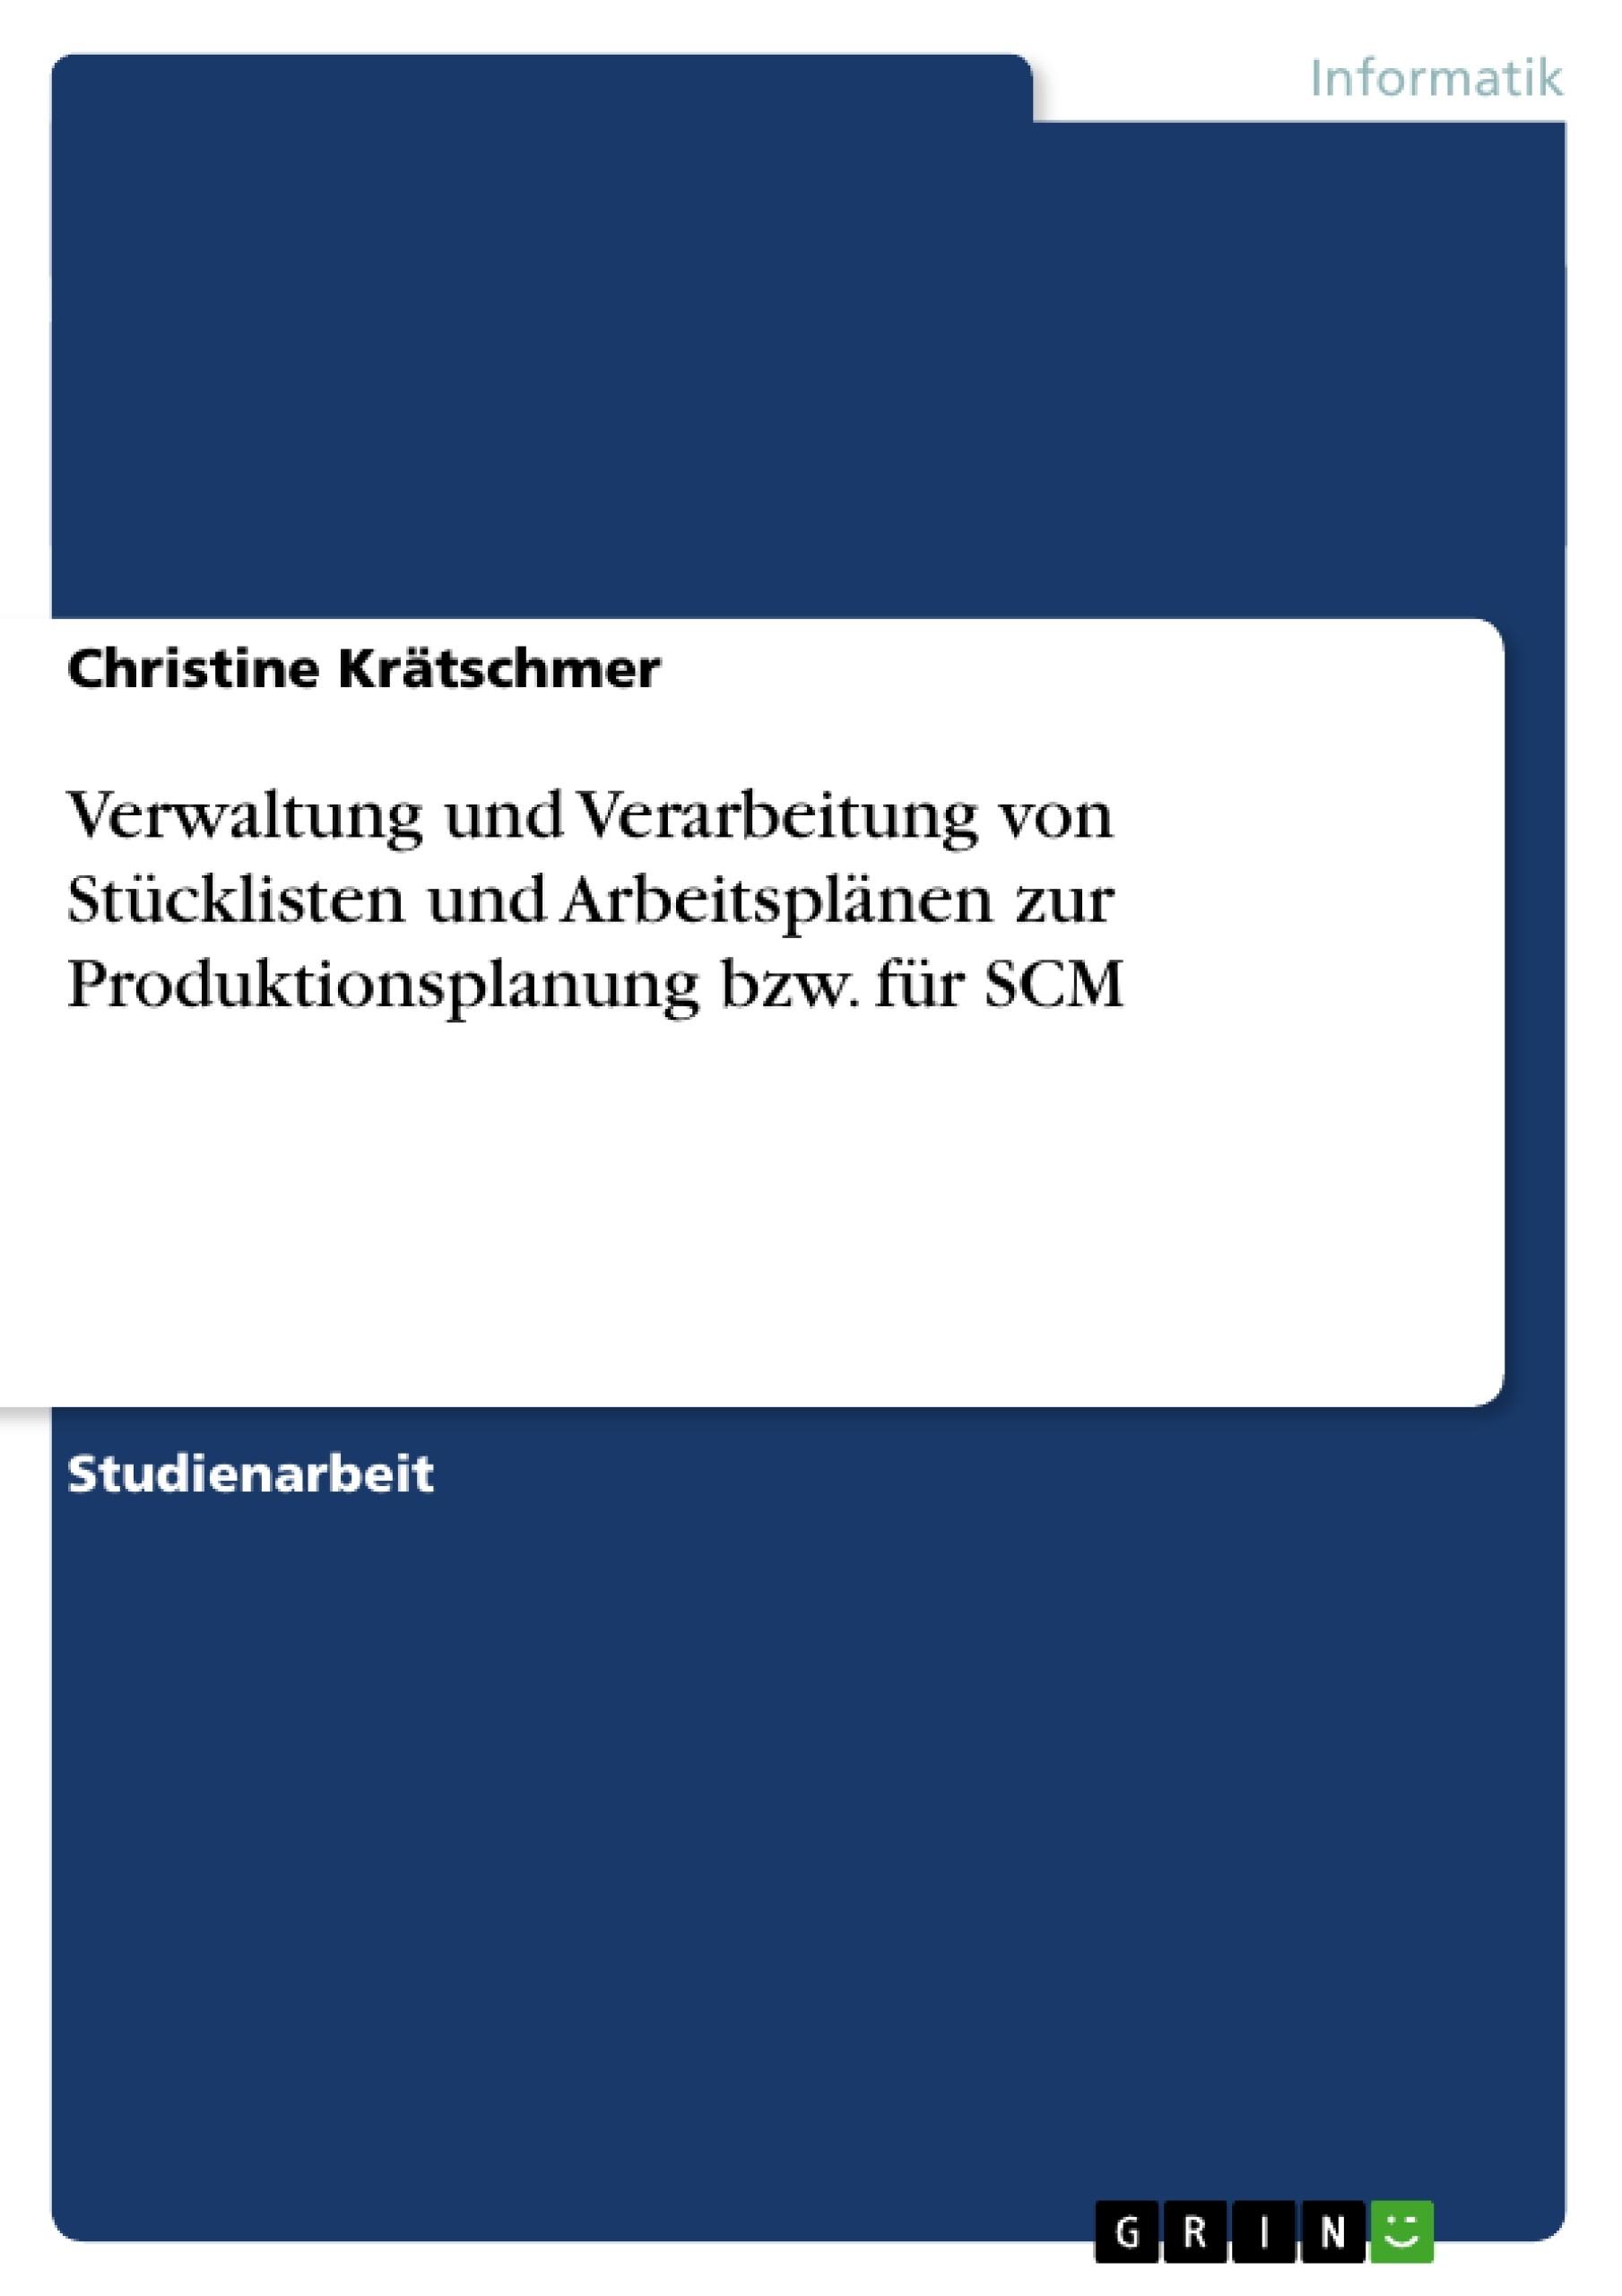 Titel: Verwaltung und Verarbeitung von Stücklisten und Arbeitsplänen zur Produktionsplanung bzw. für SCM